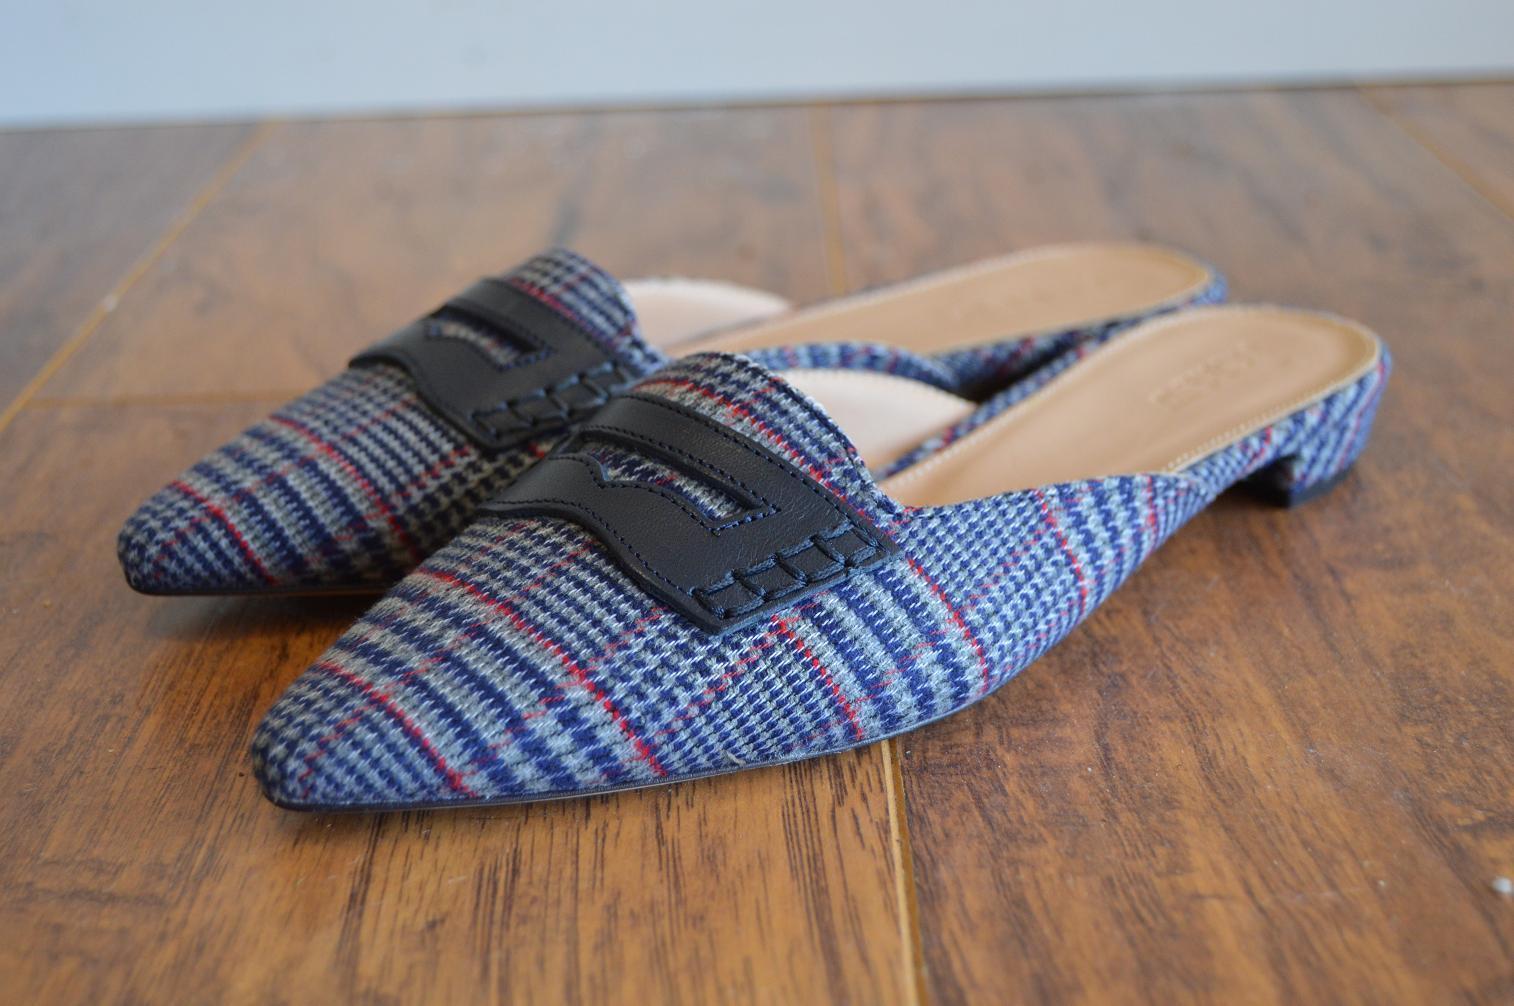 alta qualità generale JCrew  128 Tweed Tweed Tweed Loafer Mules Sz 7.5 Navy blu Plaid Slide scarpe G8230 AVL  in vendita online